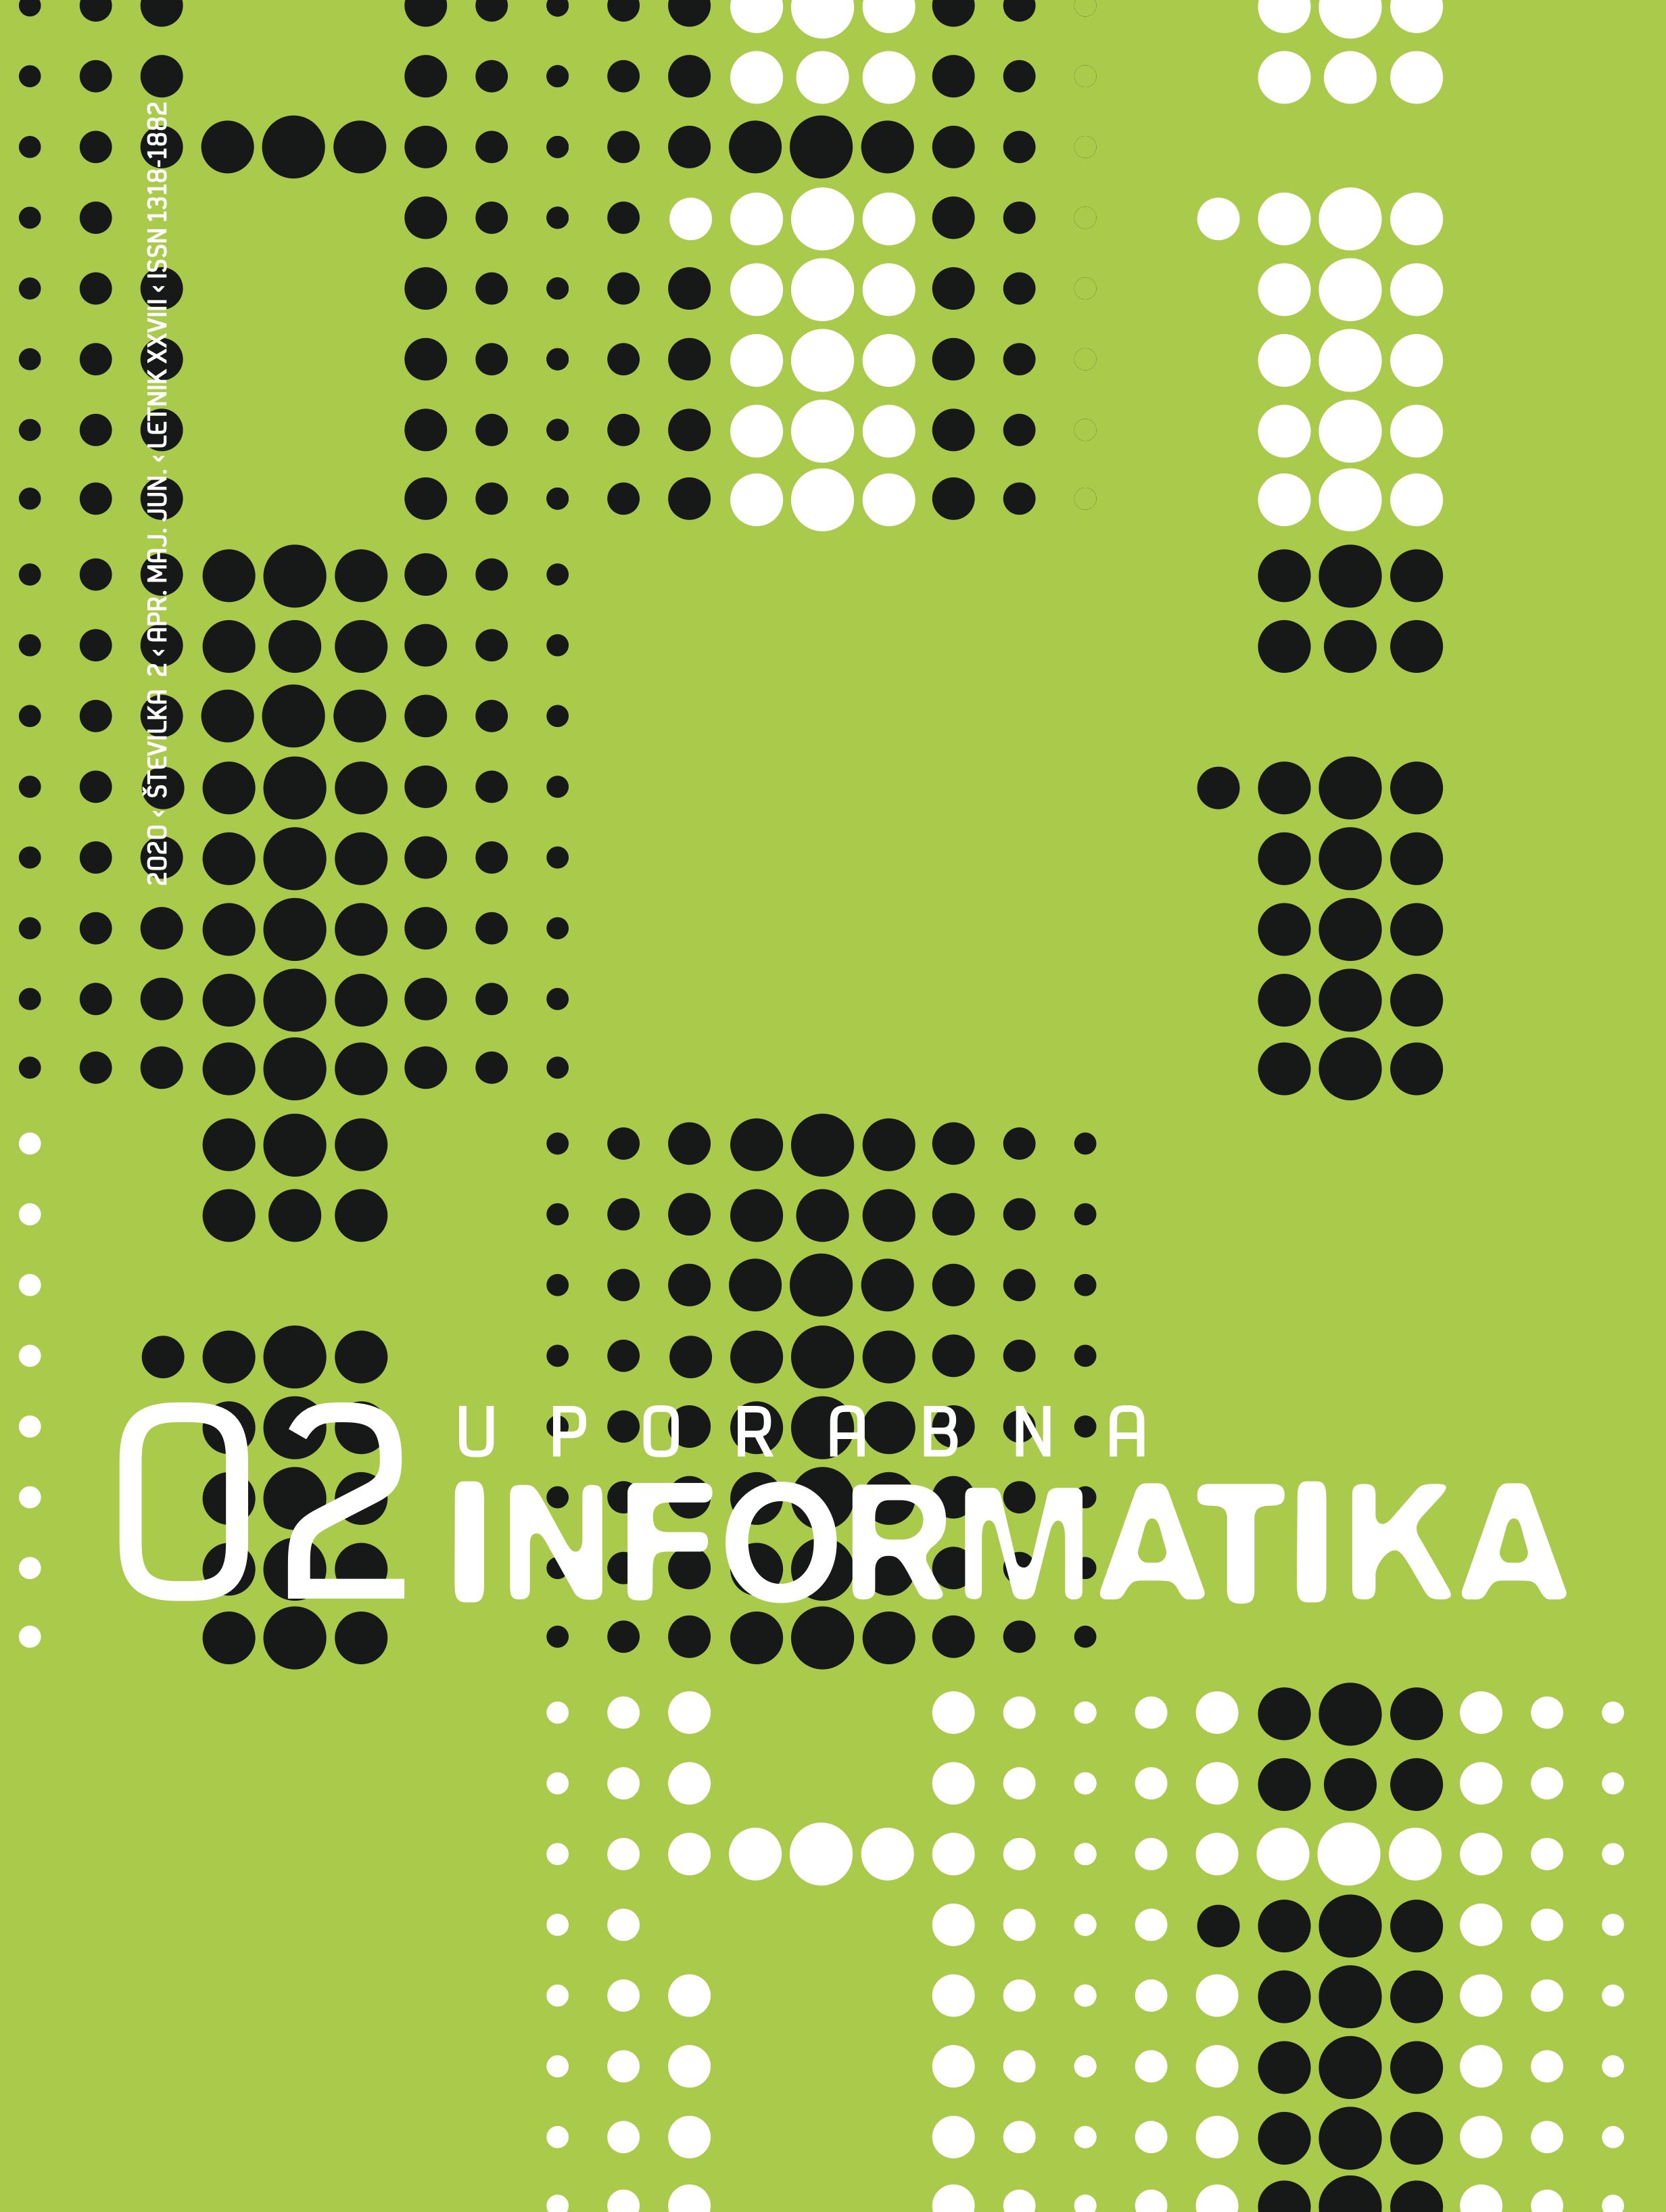 Poglej Letn. 28 Št. 2 (2020): Uporabna informatika